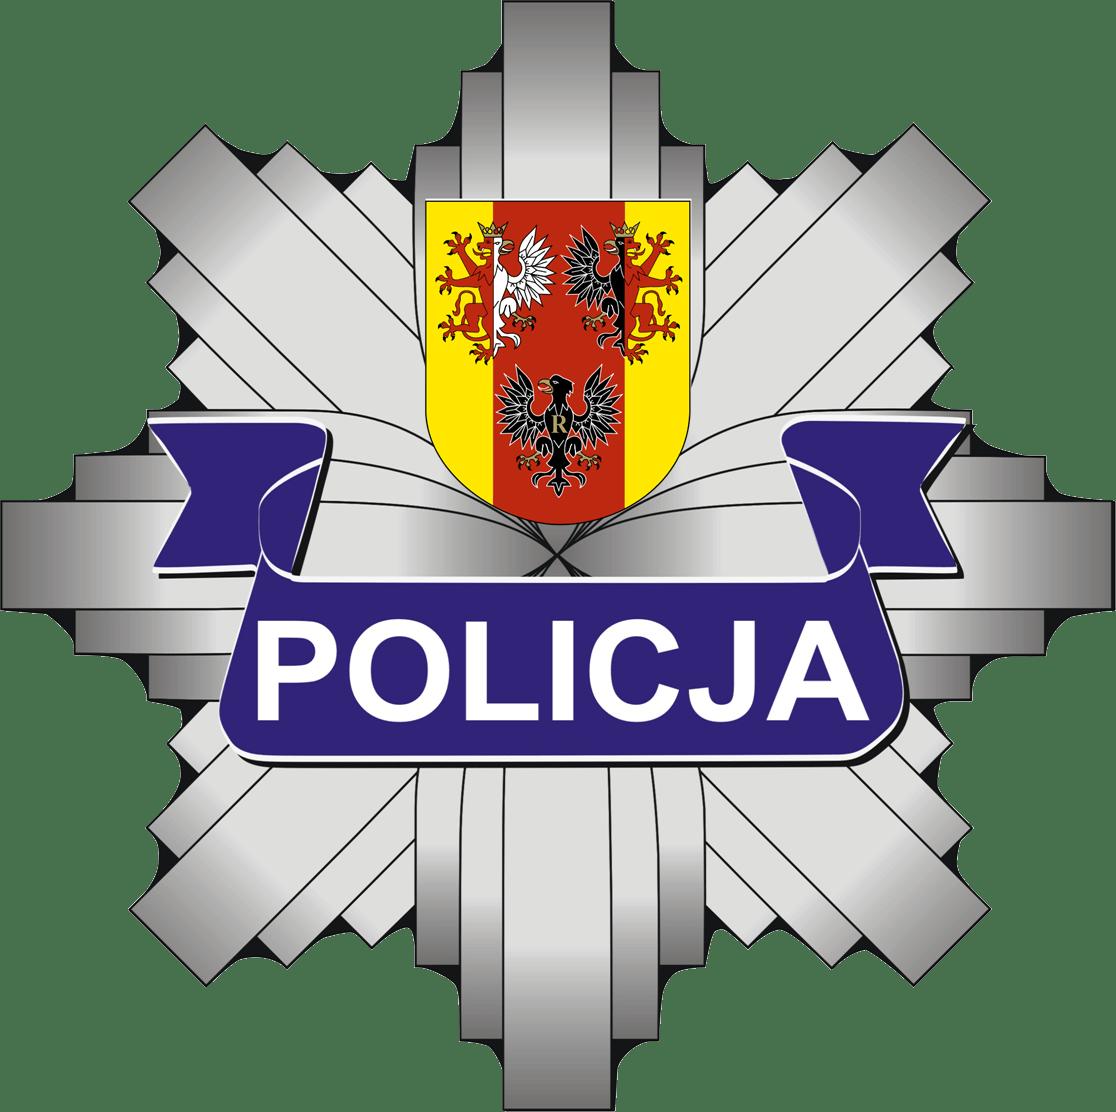 Komenda Powiatowa Policji ze Zduńskiej Woli